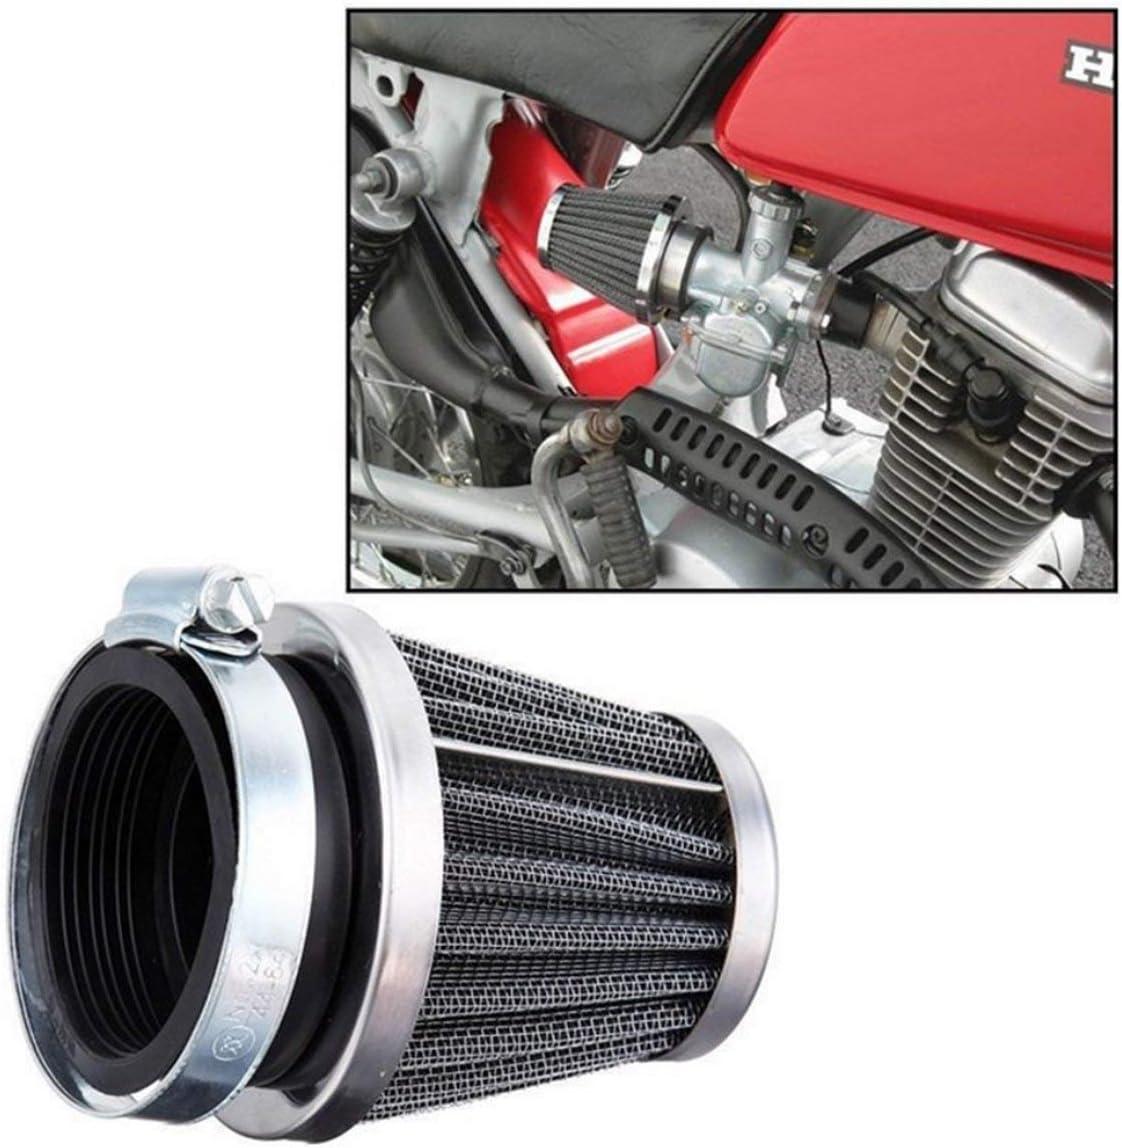 Universelle 54mm moto champignon t/ête filtre /à air pince sur filtre /à air nettoyant pour Honda pour Yamaha